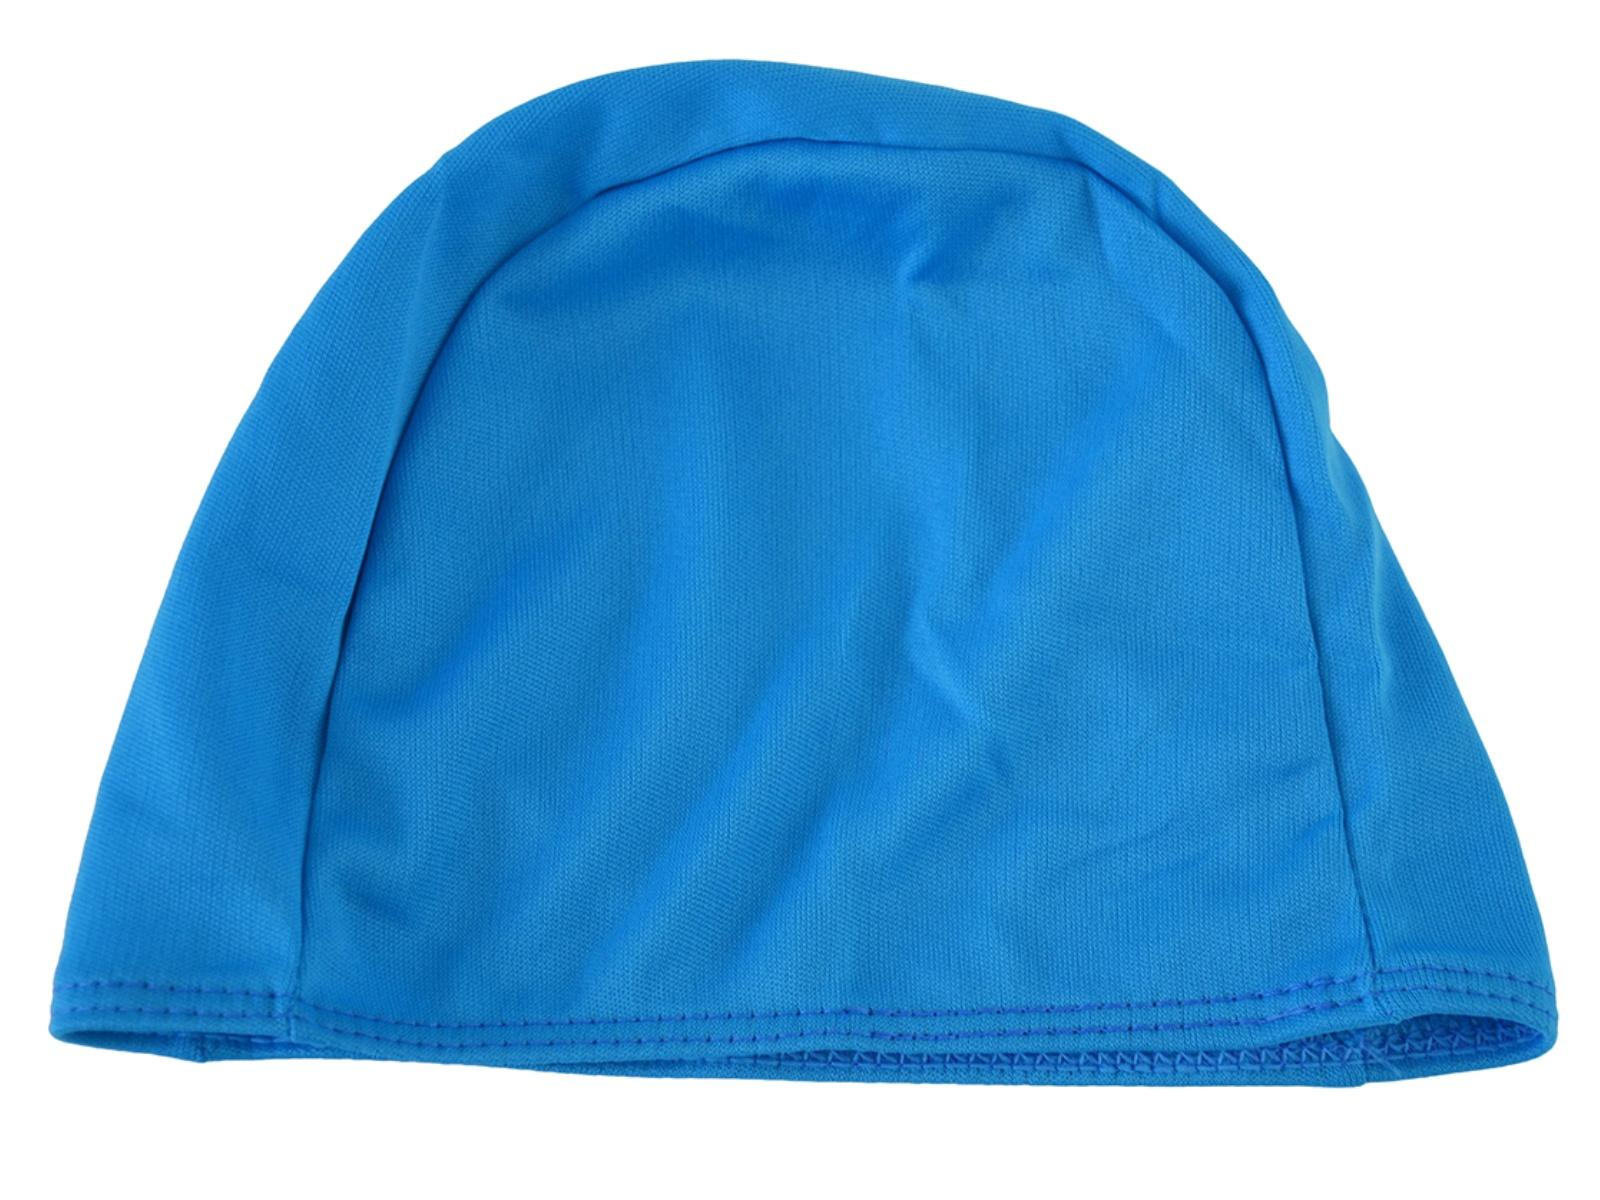 Koupací čepice Polyester 1901 junior - modrá